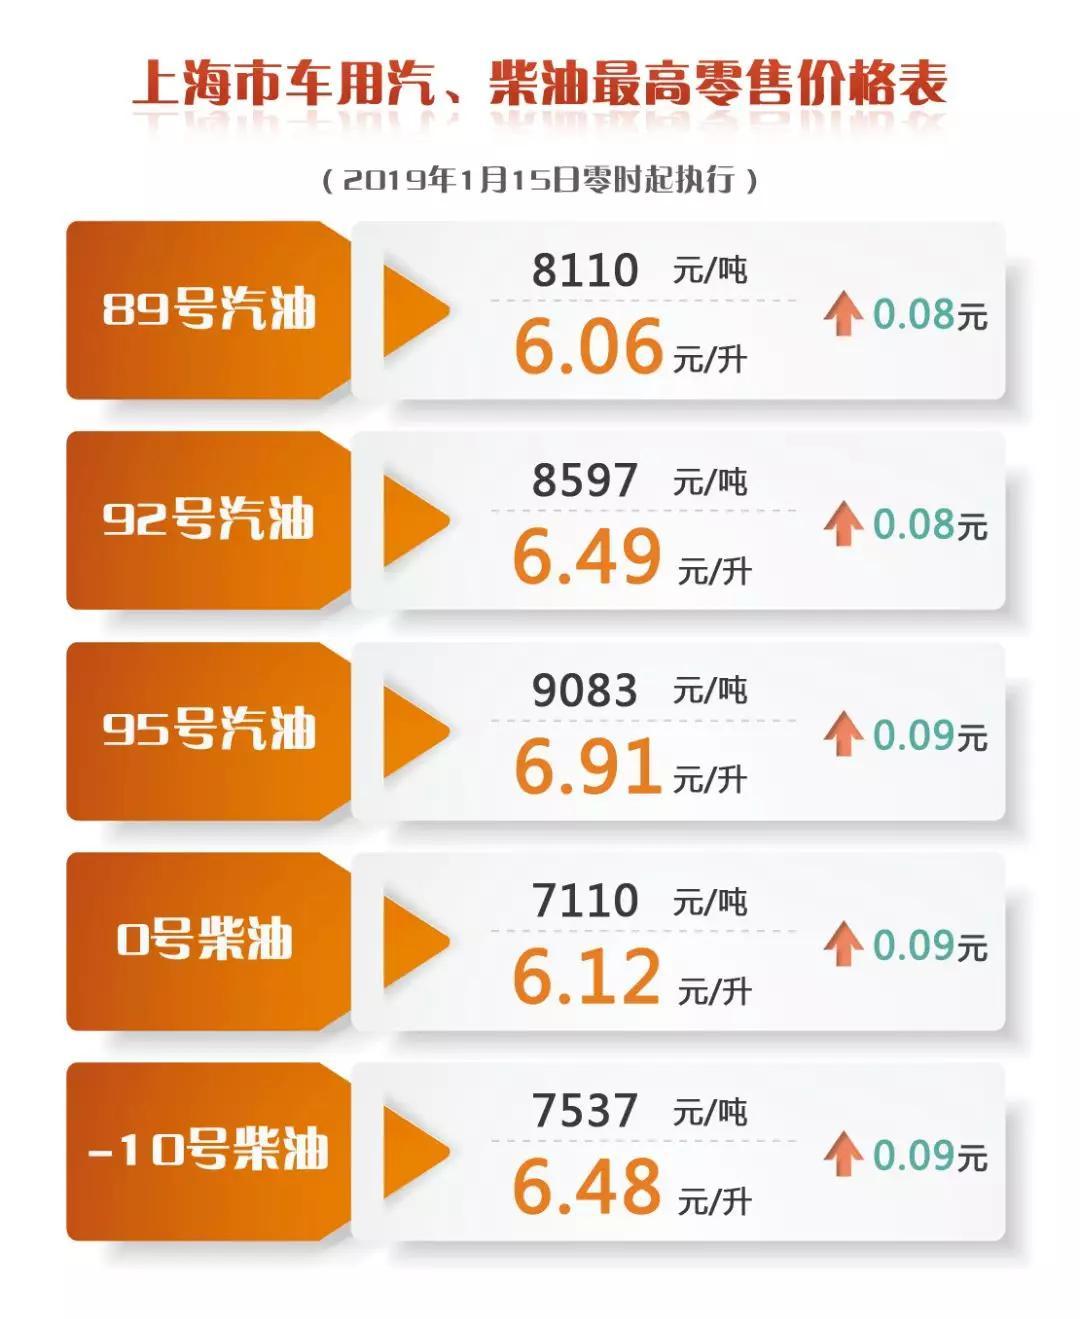 沪成品油价明起上调 92号汽油升至6.49元/升